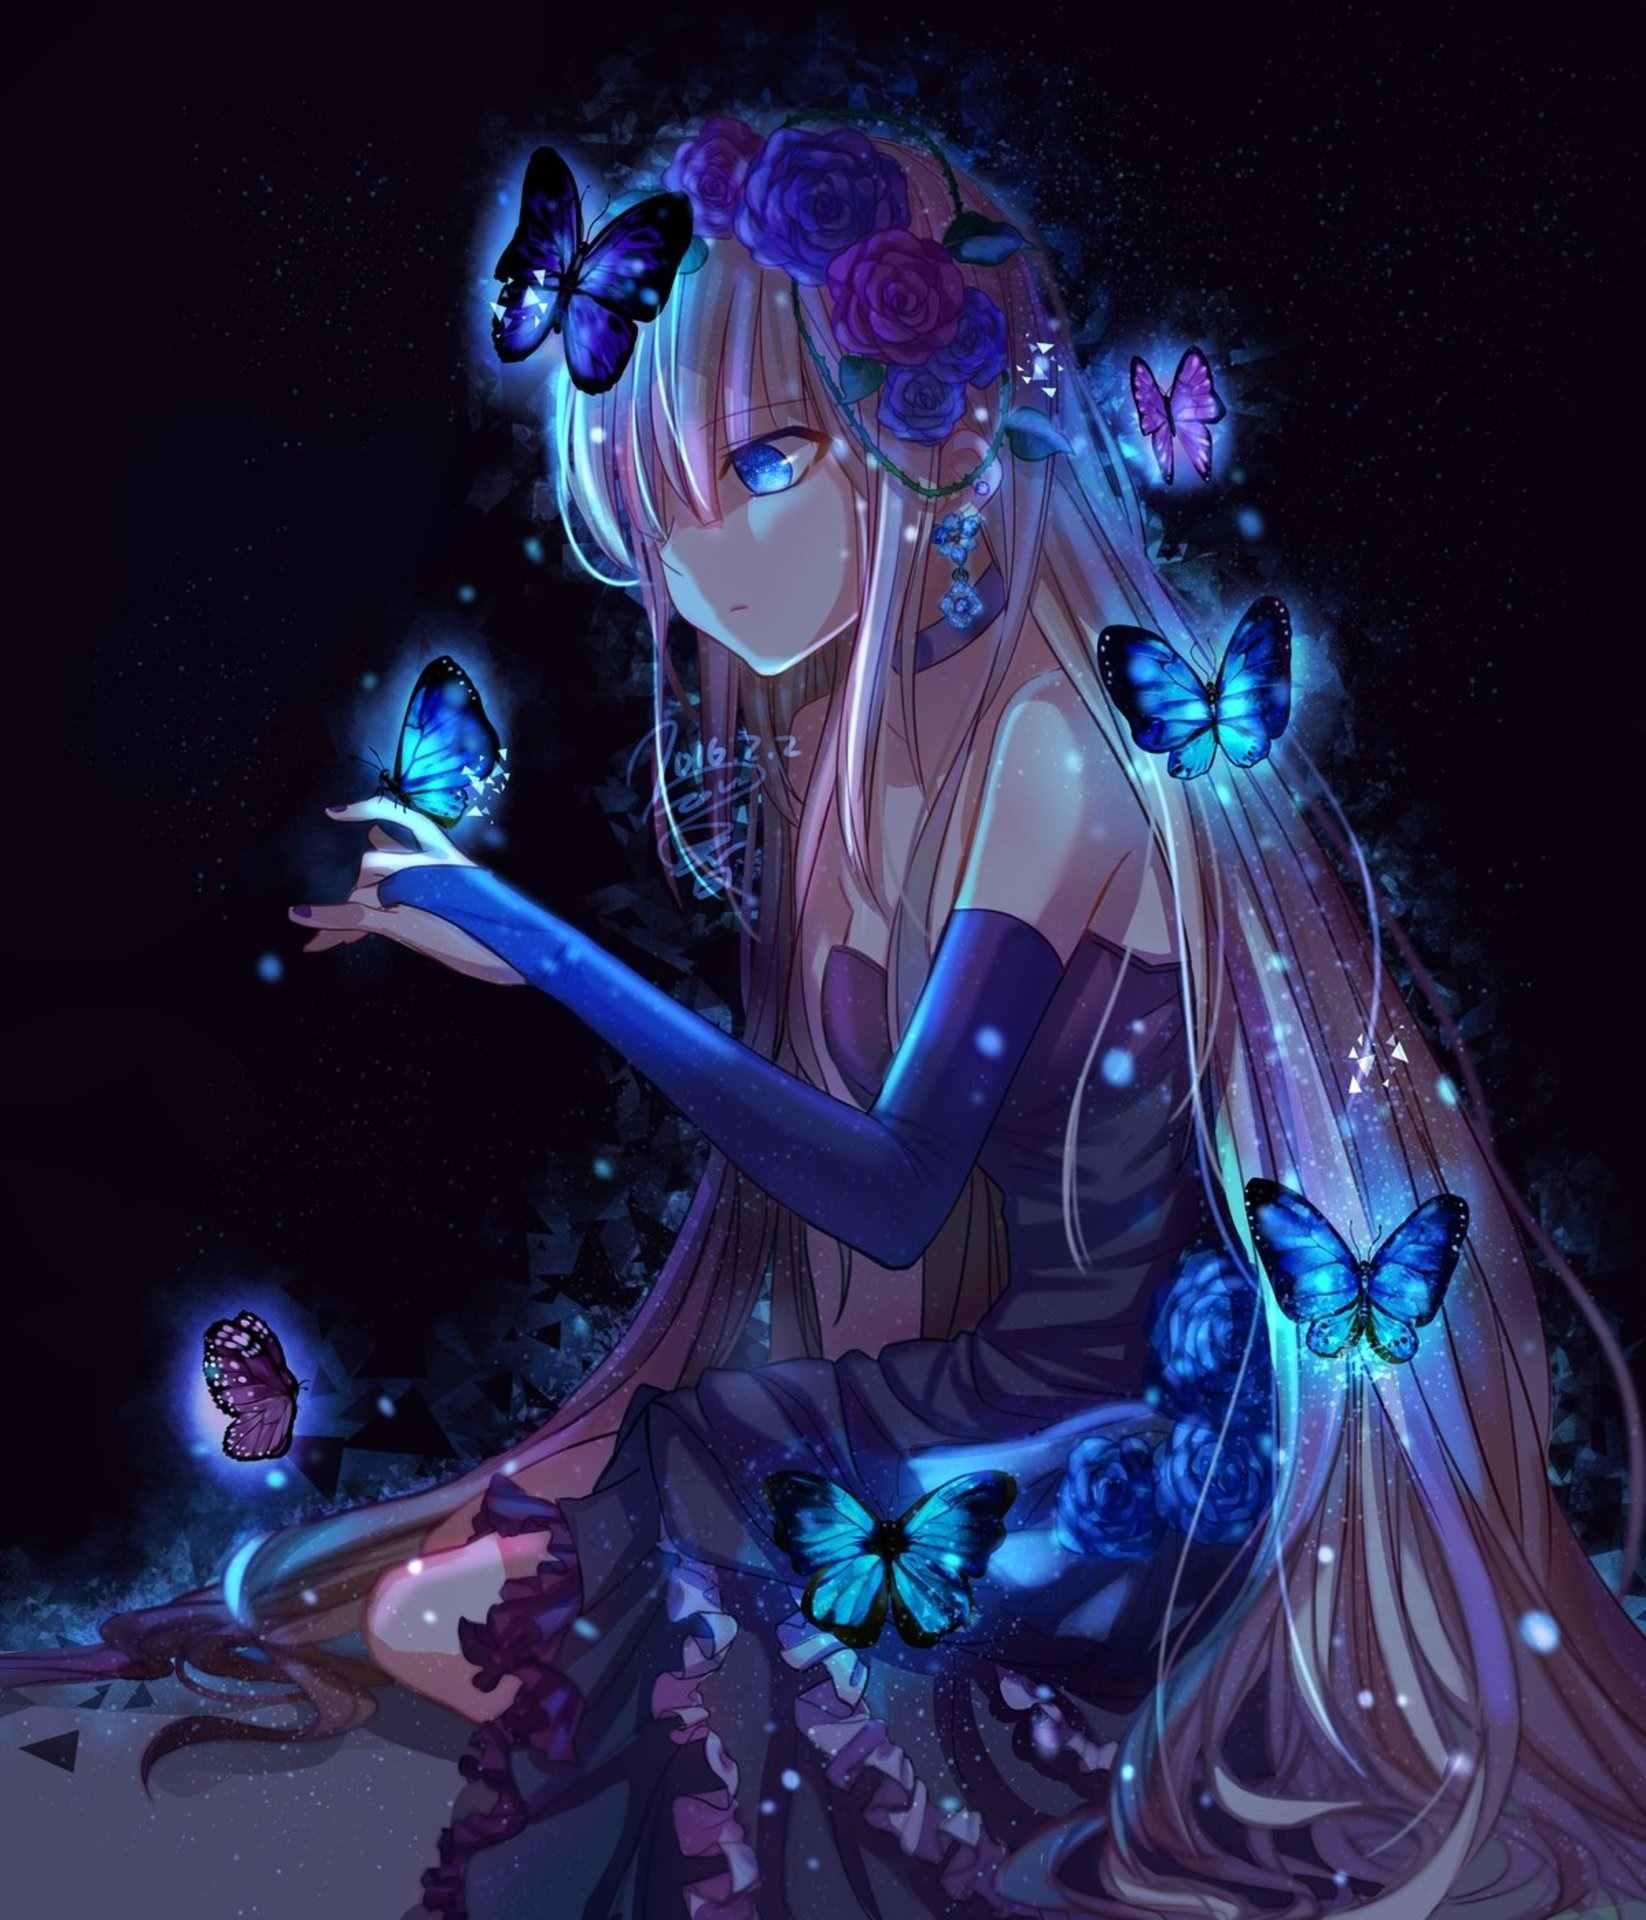 Красивые аниме картинки на аву для девушек 08